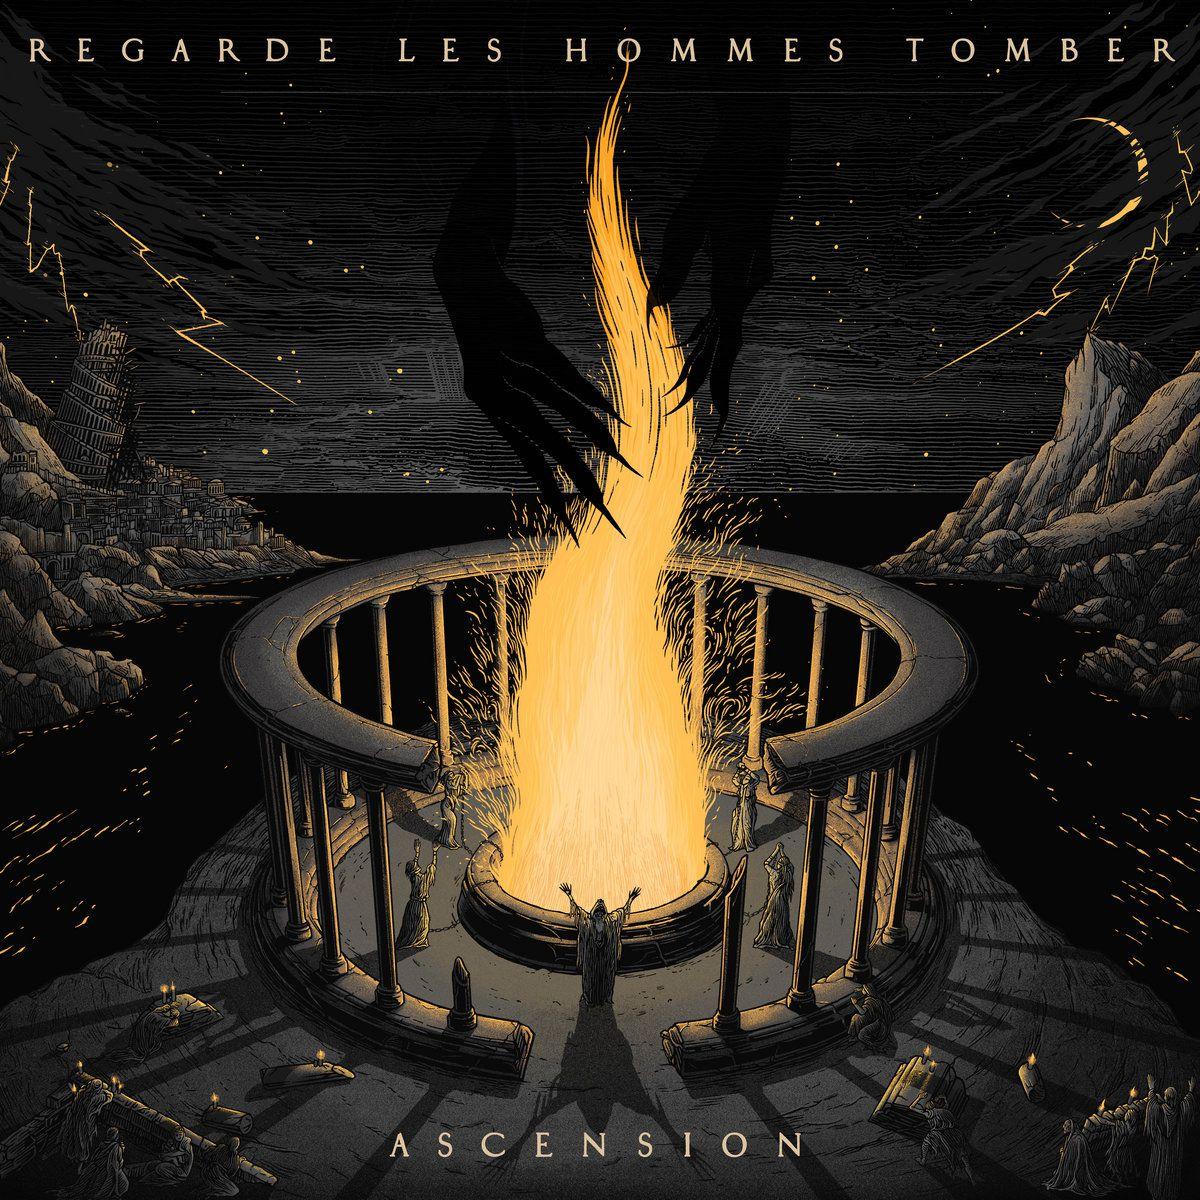 """Chronique de l'album de REGARDE LES HOMMES TOMBER """"Ascension"""""""